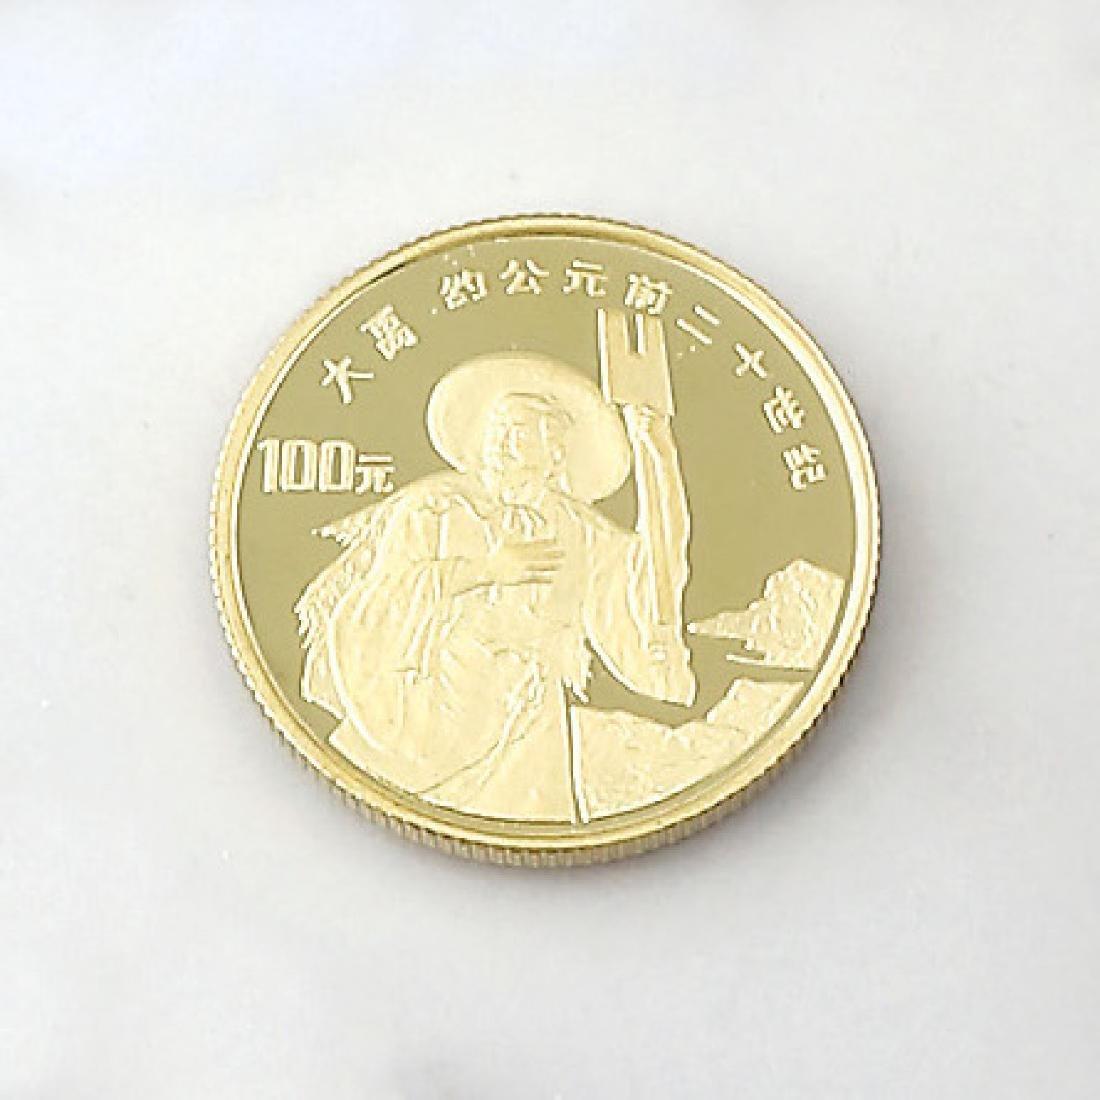 Gold coin, 100 Yuan, China, 1992